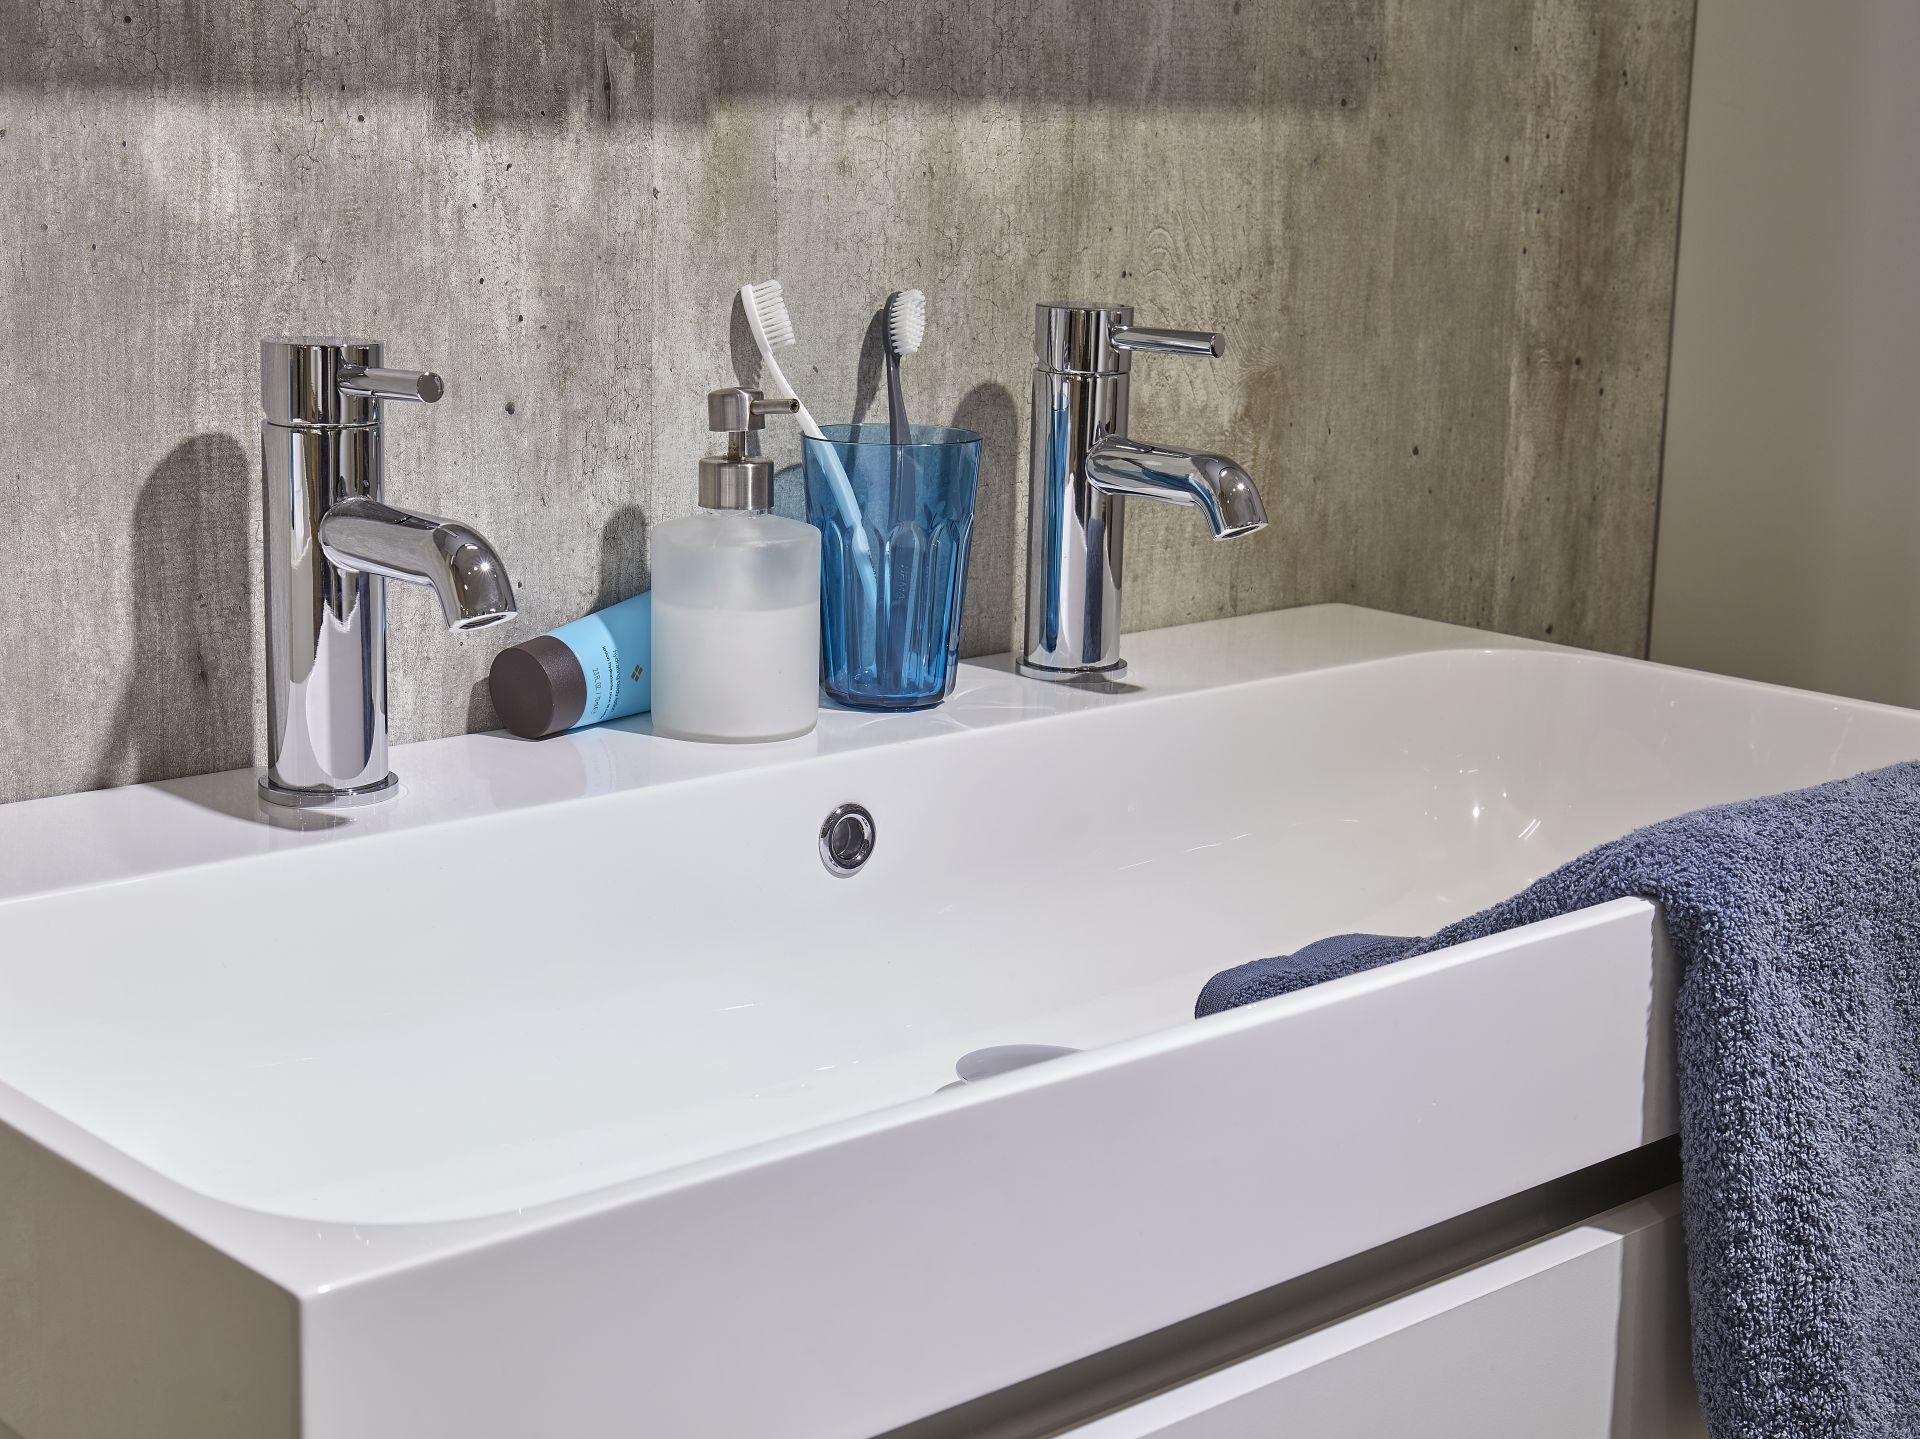 Badkamermeubel Met Vloerdelen : Organiseer je badkamer